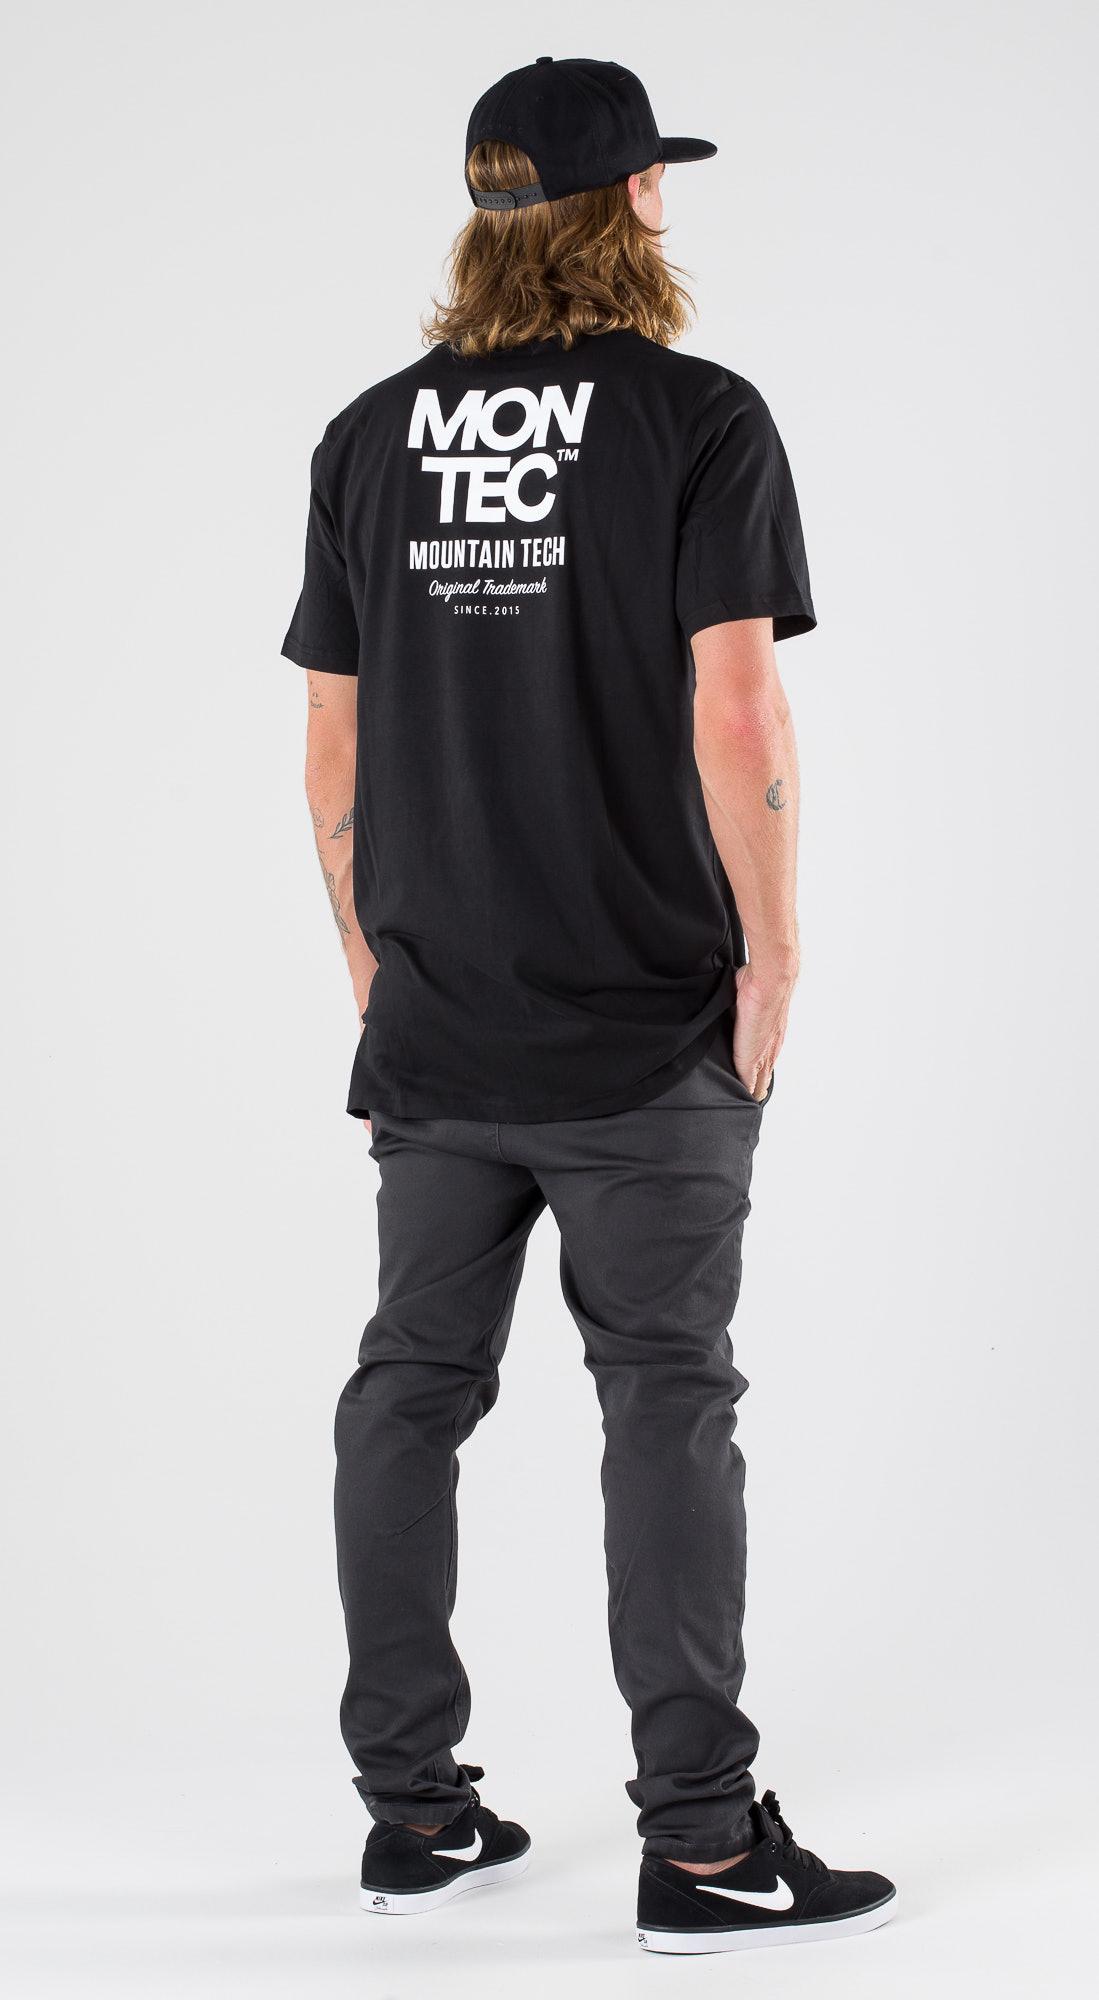 91f2d4d699d8ec Streetwear Outfit Uomo | Spedizione Gratuita | RIDESTORE